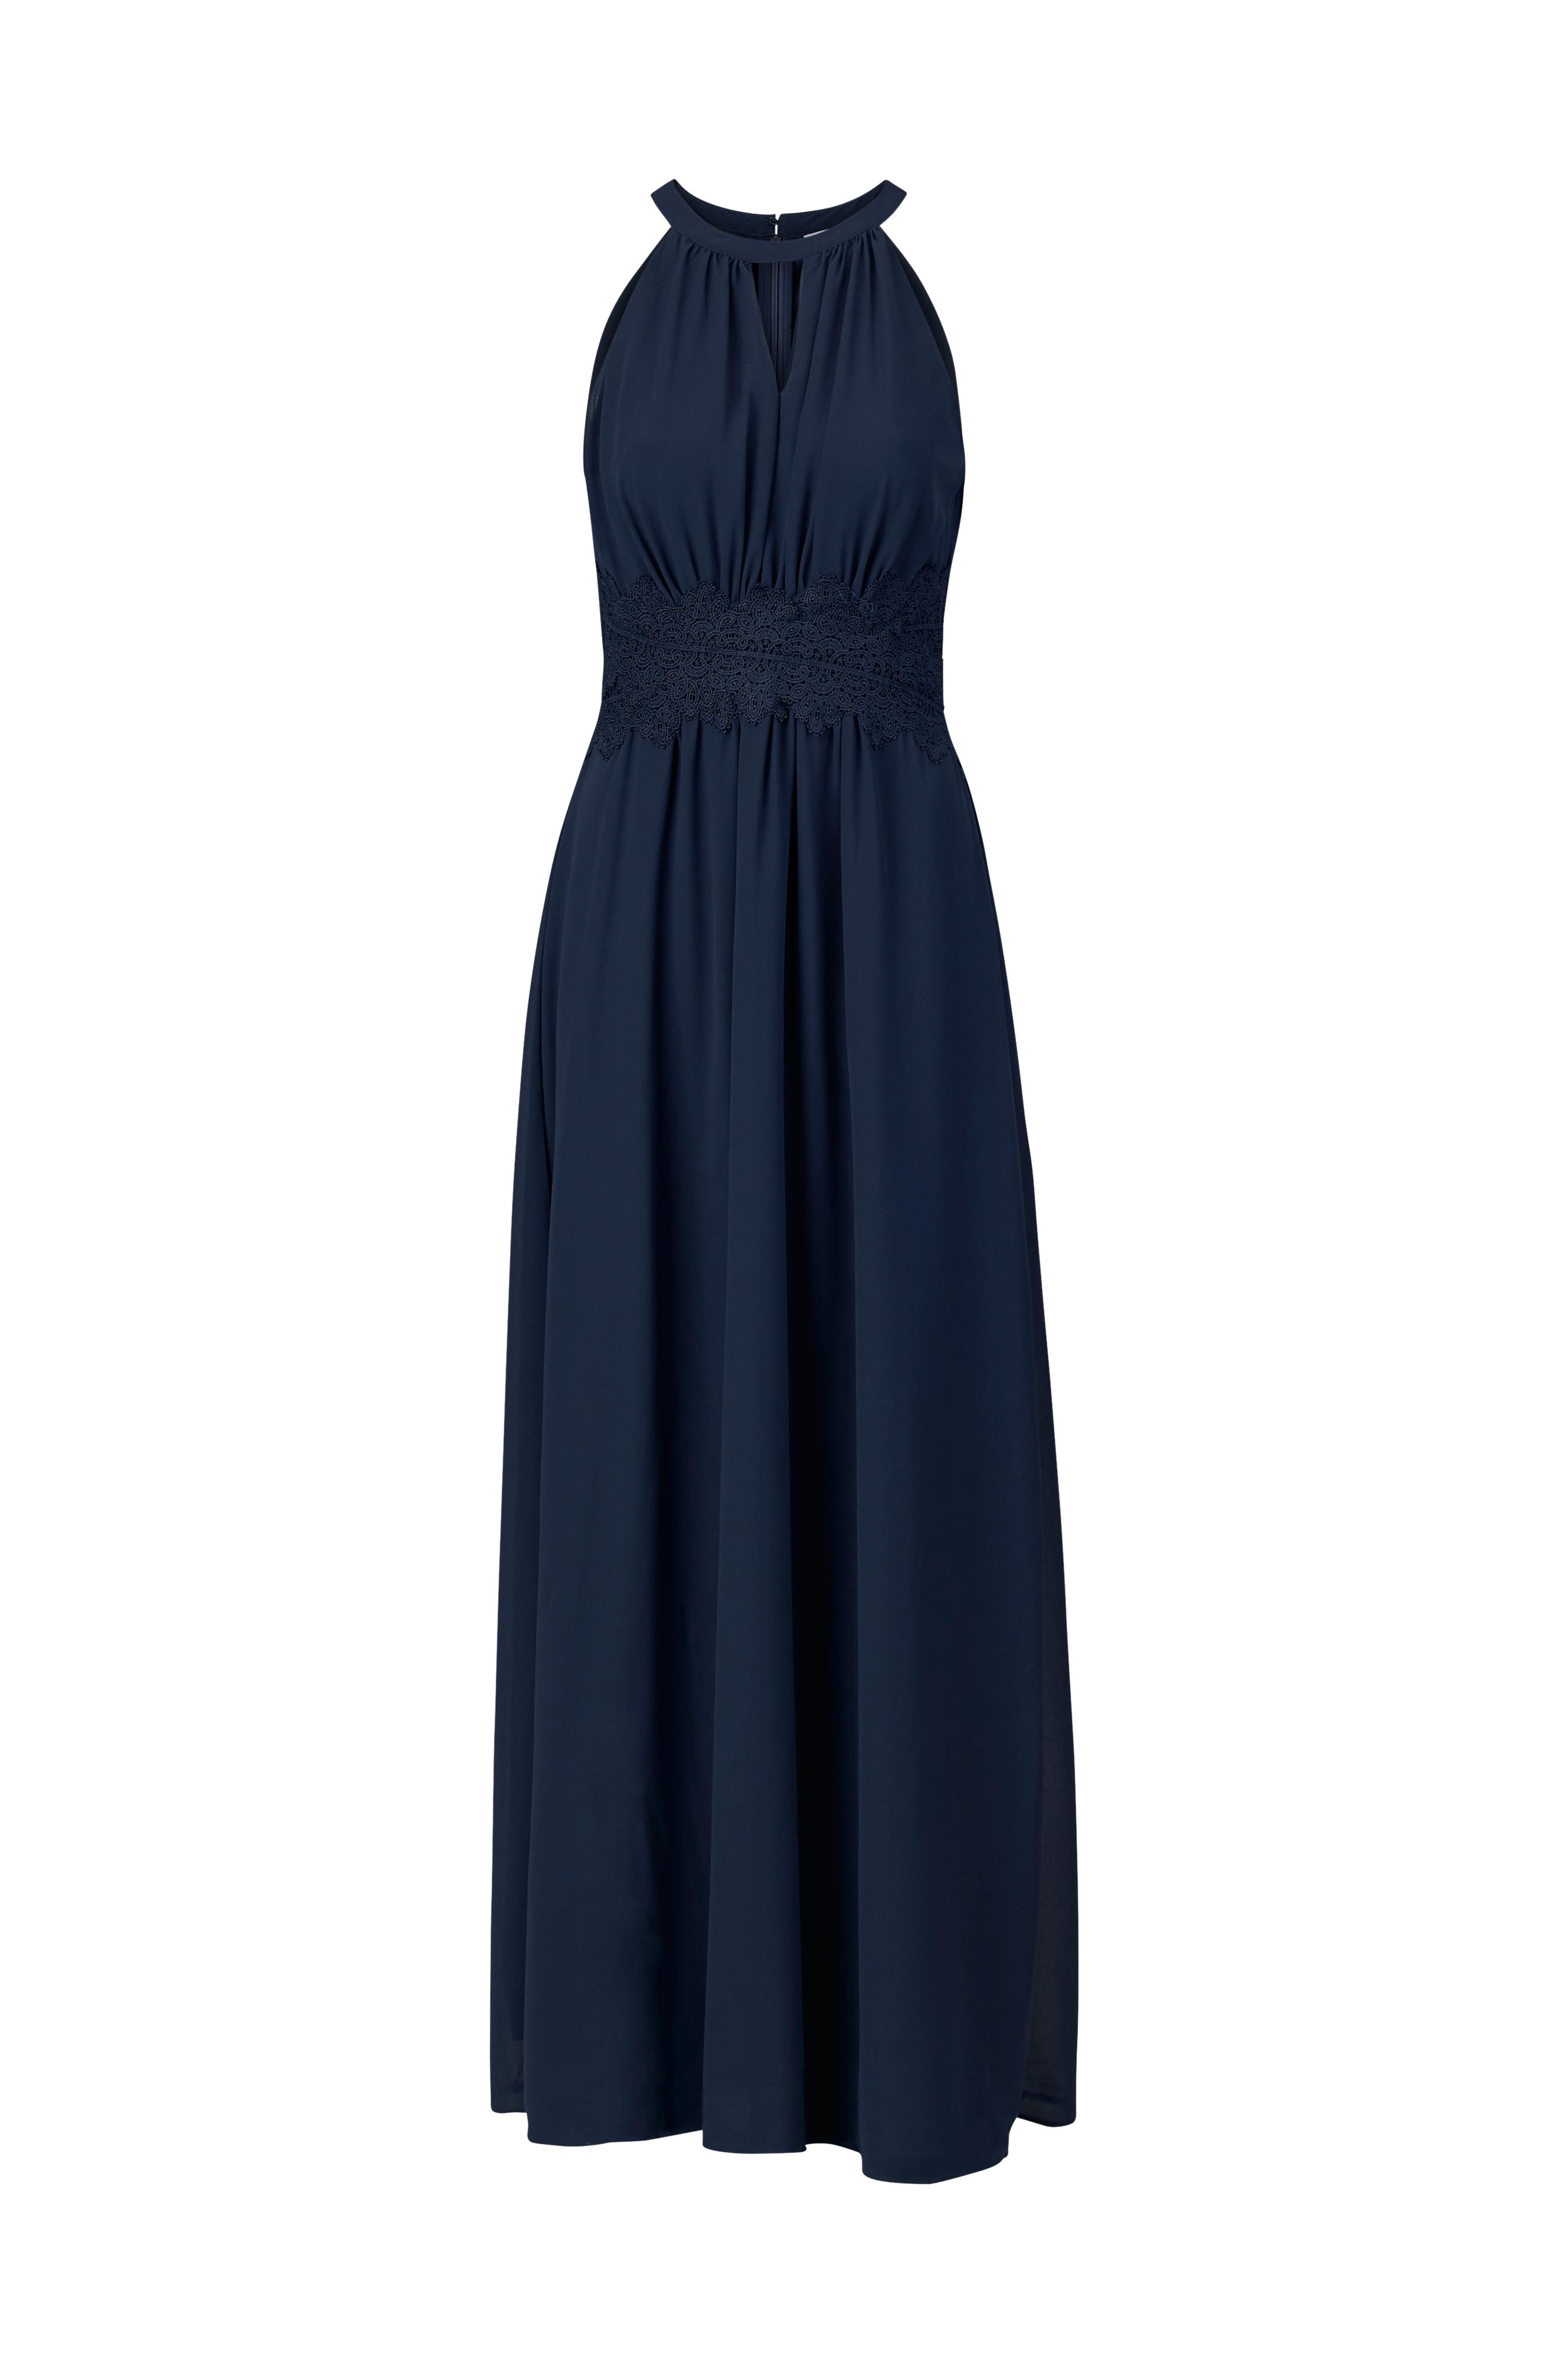 Vila viMilina Halterneck Maxi Dress -maksimekko - Sininen - Naiset -  Ellos.fi c6b583c13f